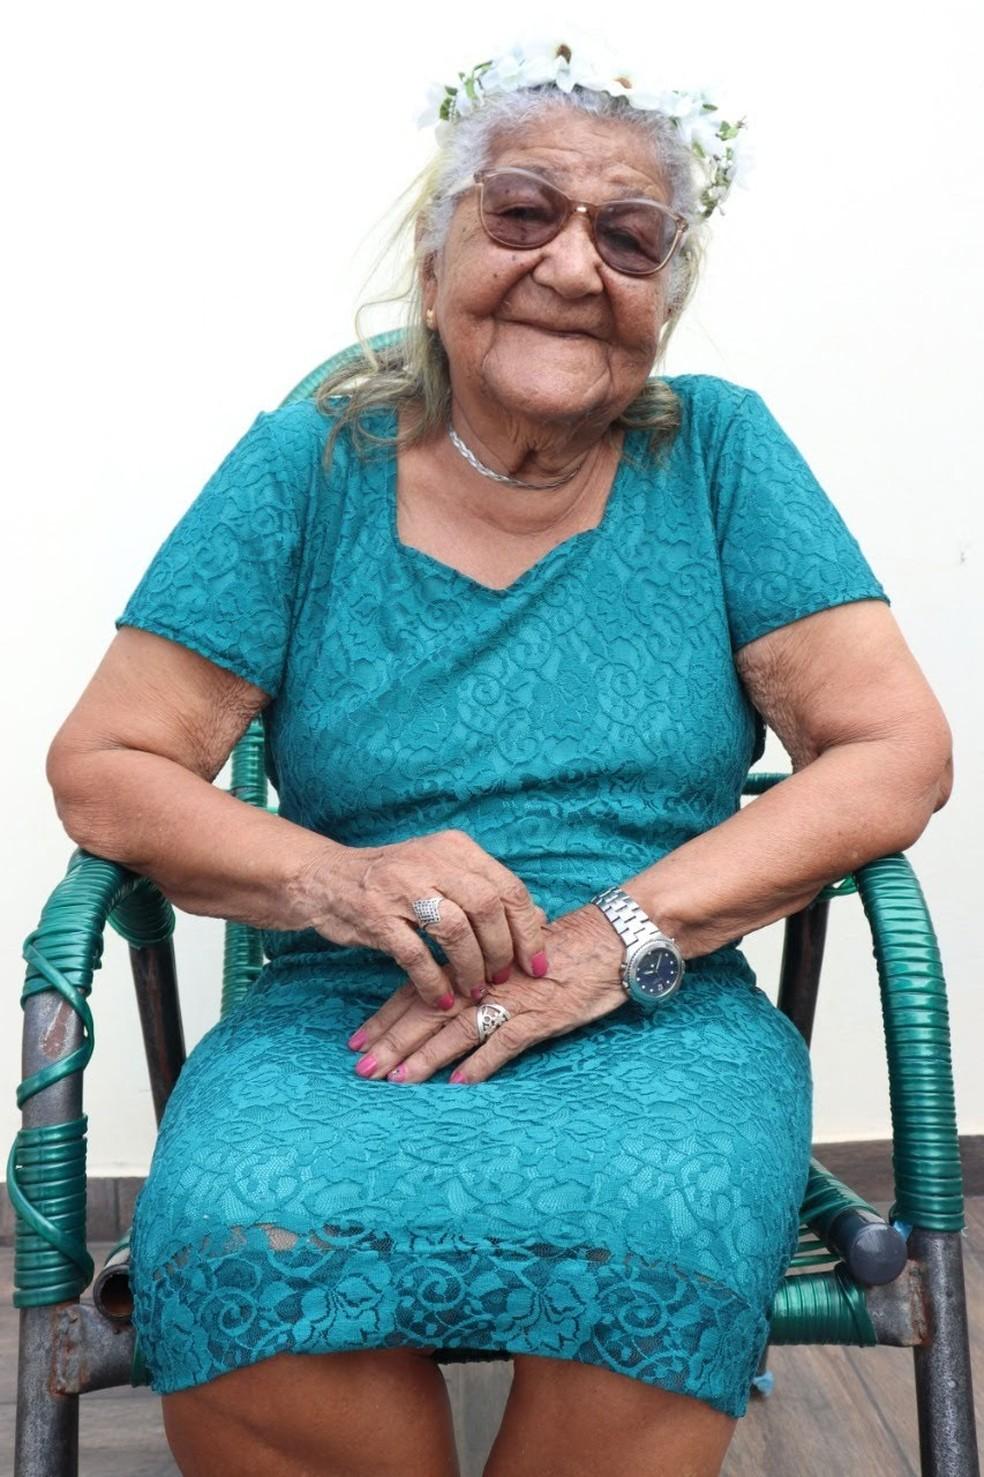 Dona Maria tem 101 anos e mora em Promissão, no interior de SP — Foto: Arquivo pessoal/Pâmela Cristina Matias Gomes